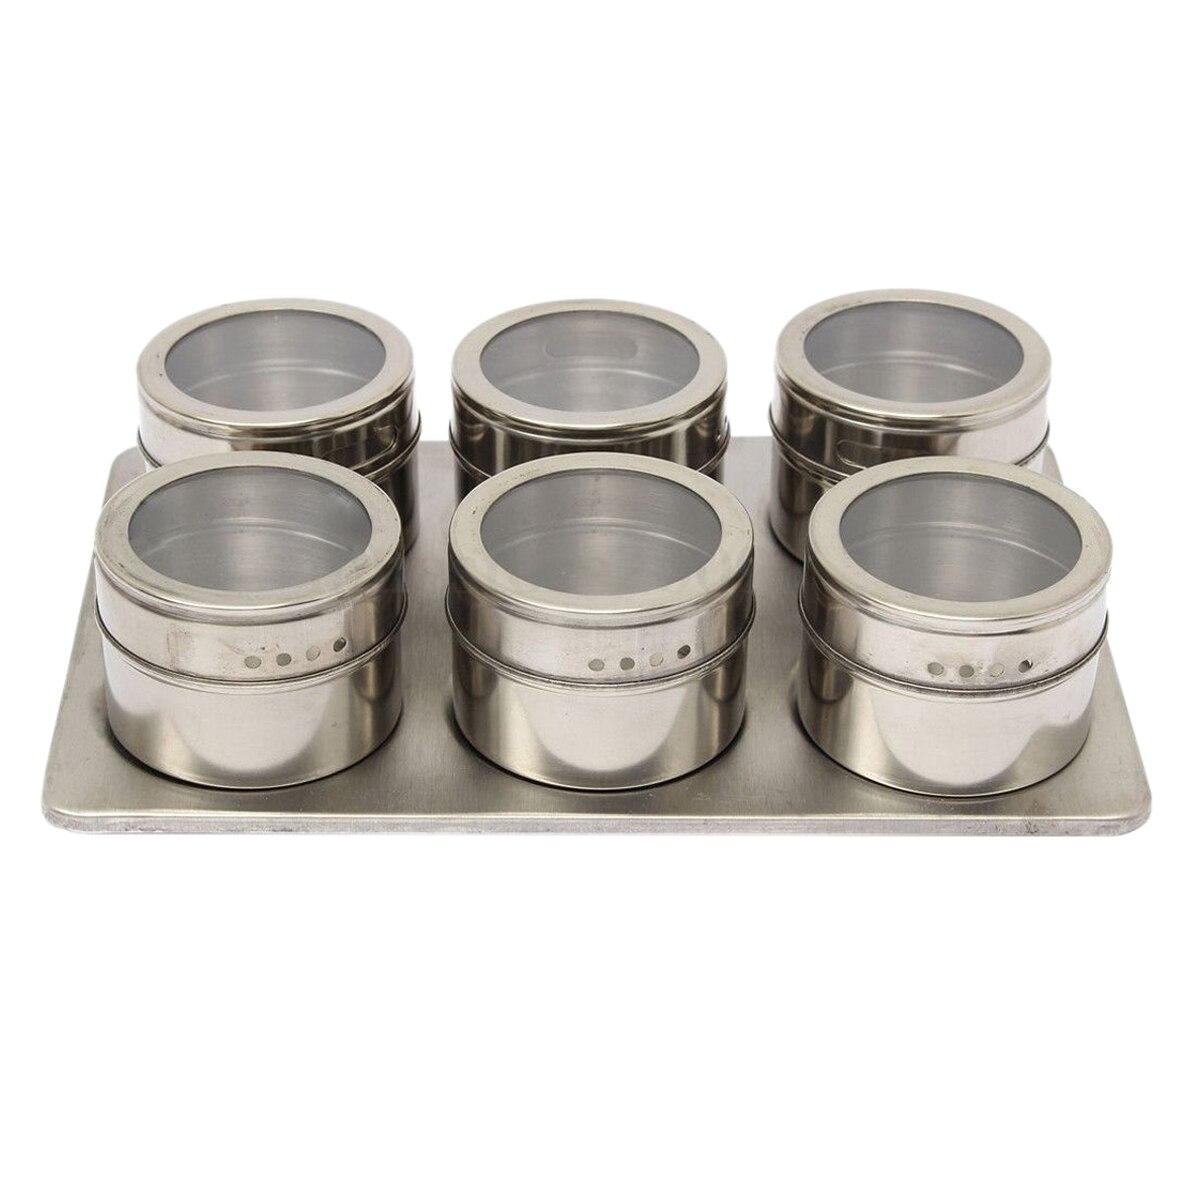 achetez en gros magn tique pots pices en ligne des grossistes magn tique pots pices. Black Bedroom Furniture Sets. Home Design Ideas